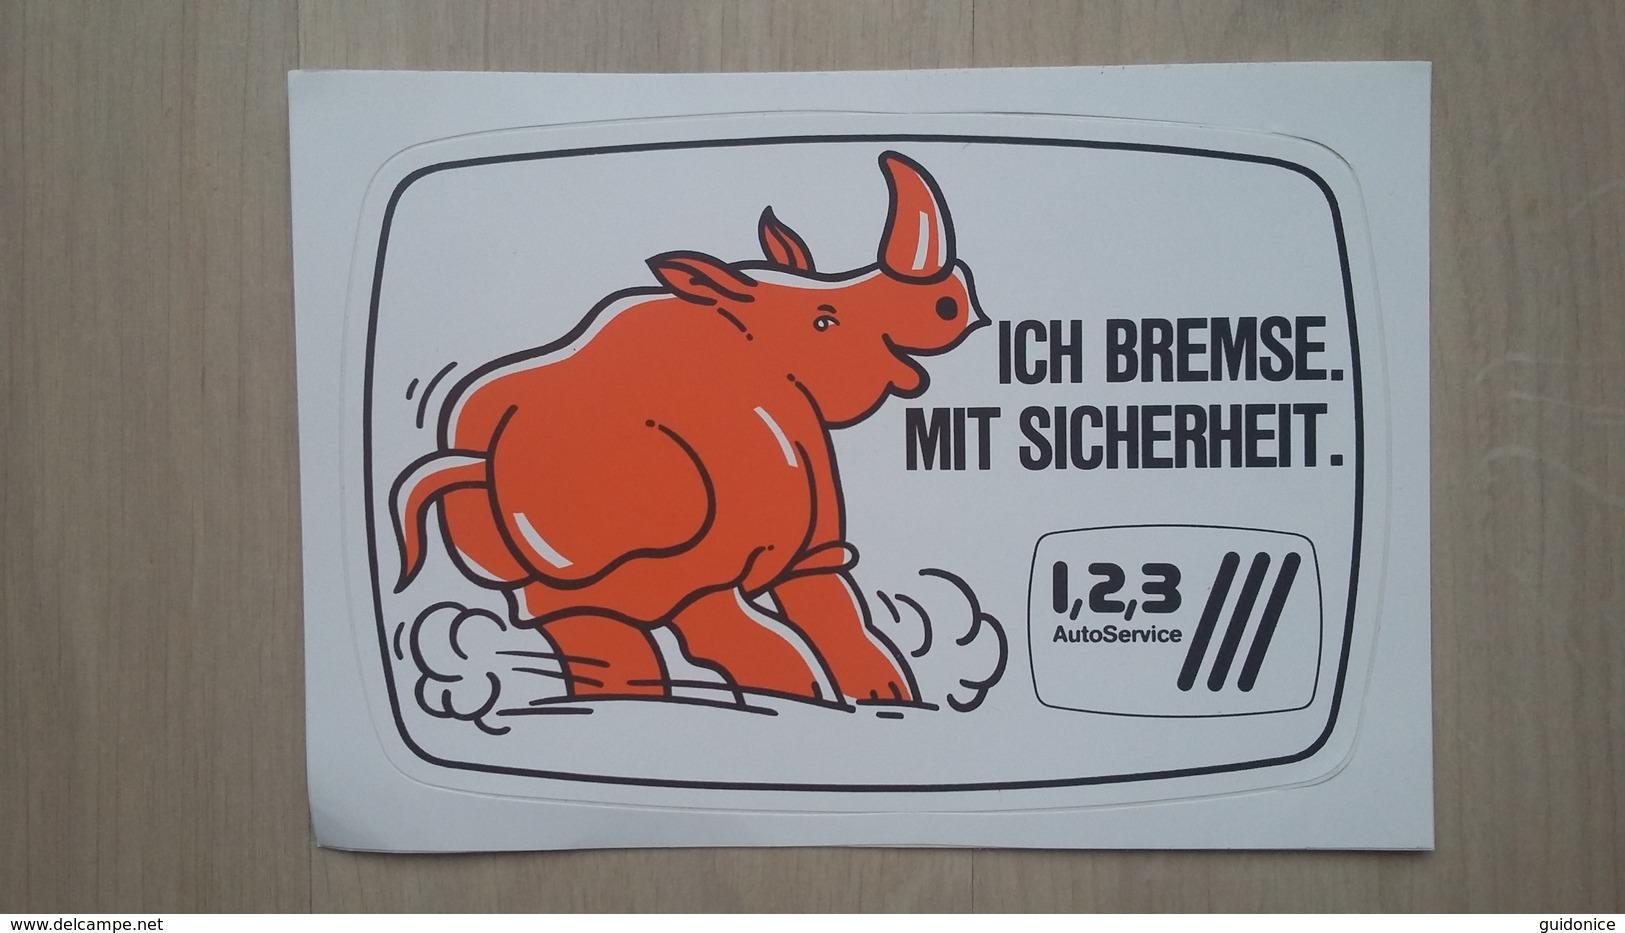 Aufkleber Mit Werbung Für Ein Auto-Service-Unternehmen (Deutschland) - Aufkleber